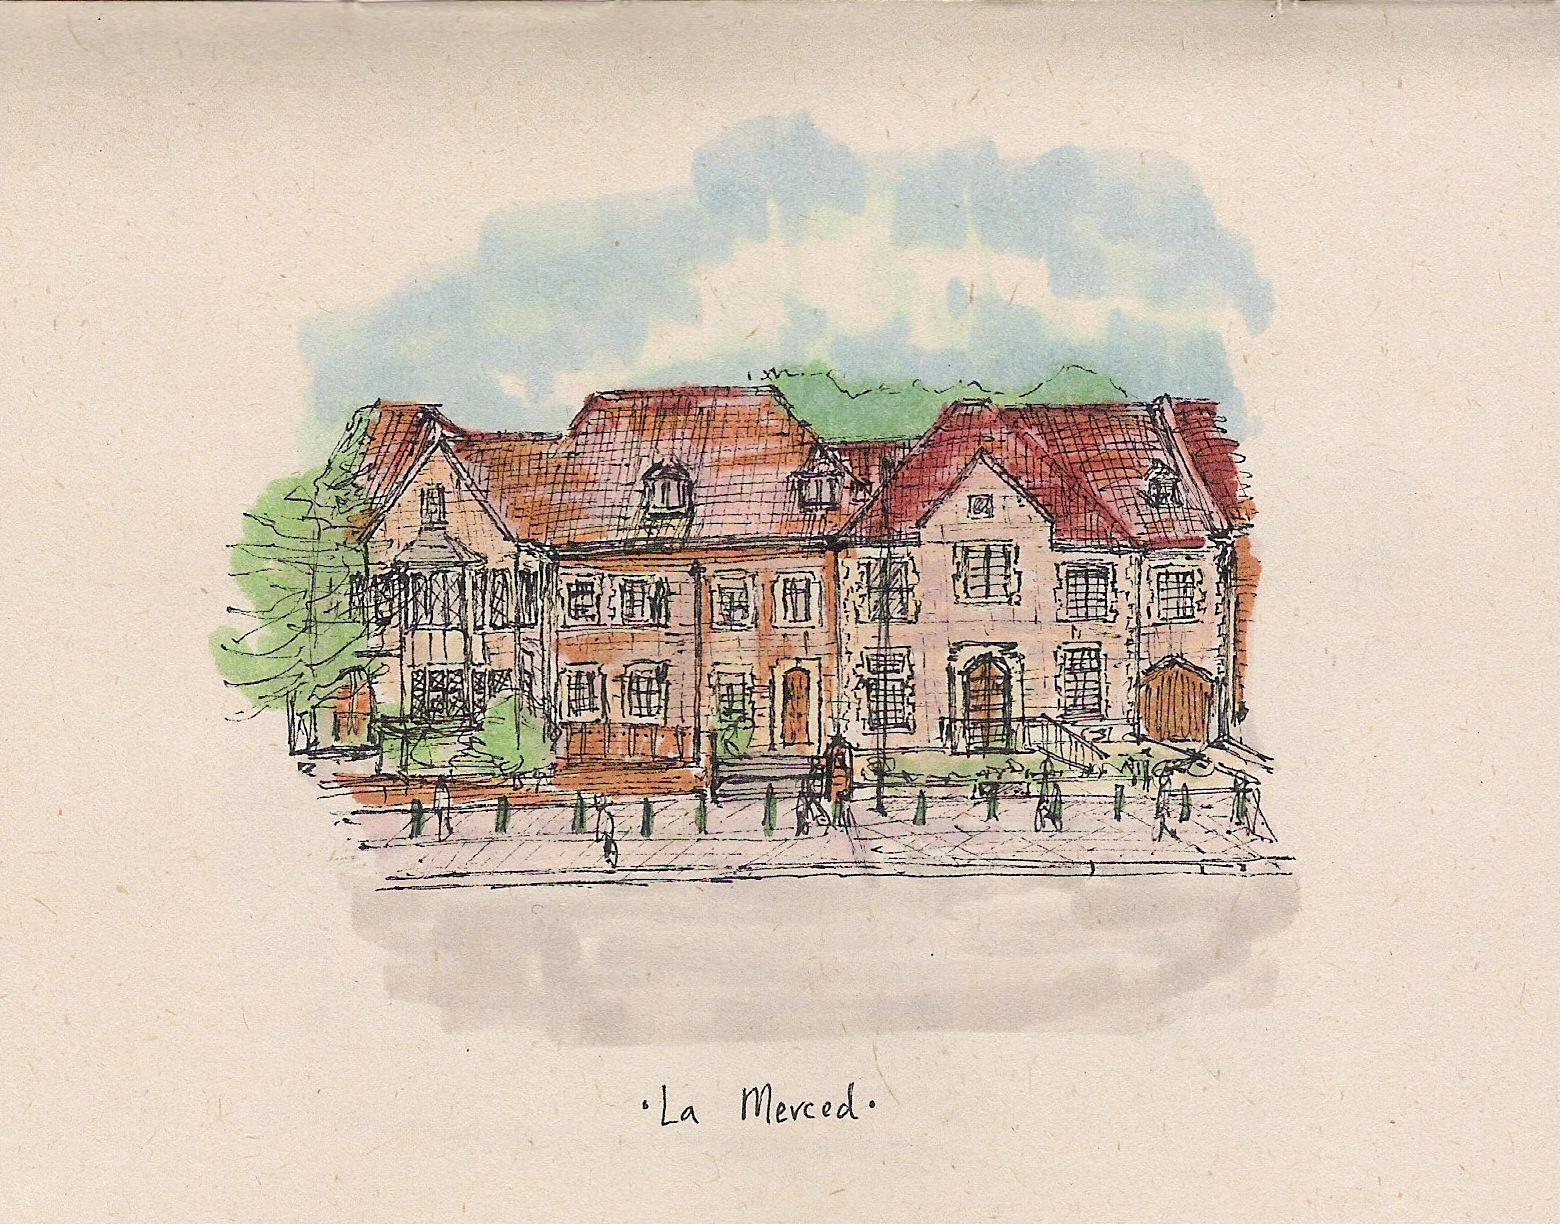 26_03-La-Merced